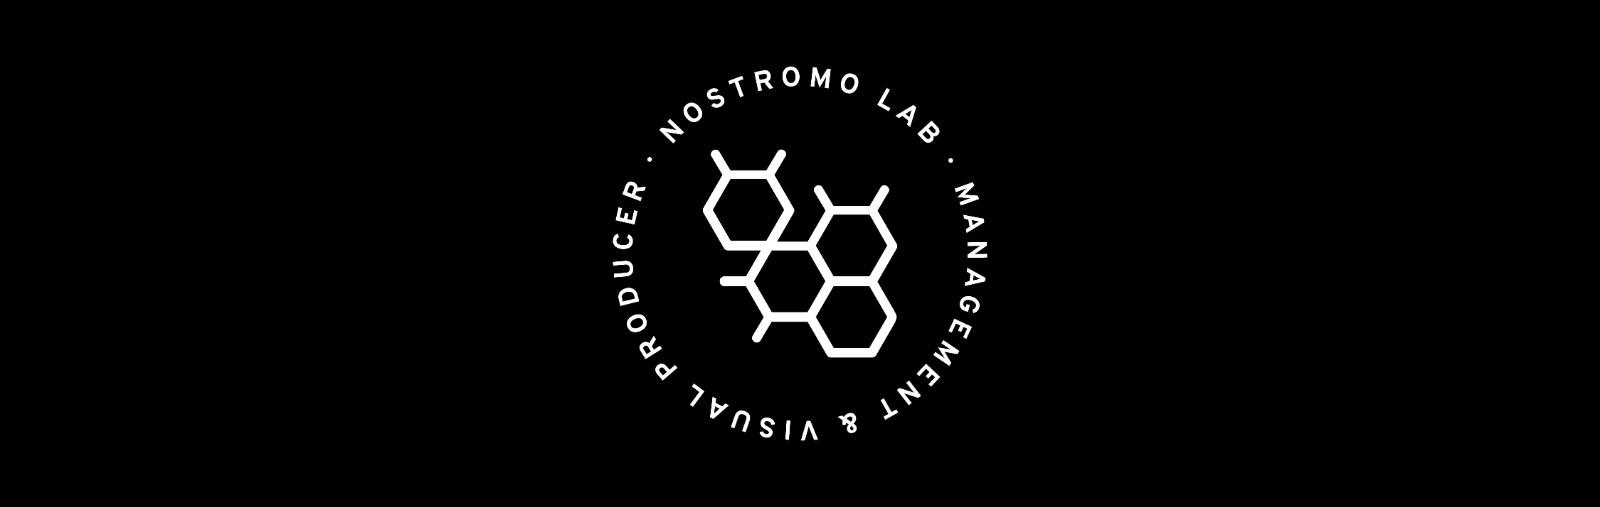 NostromoLab